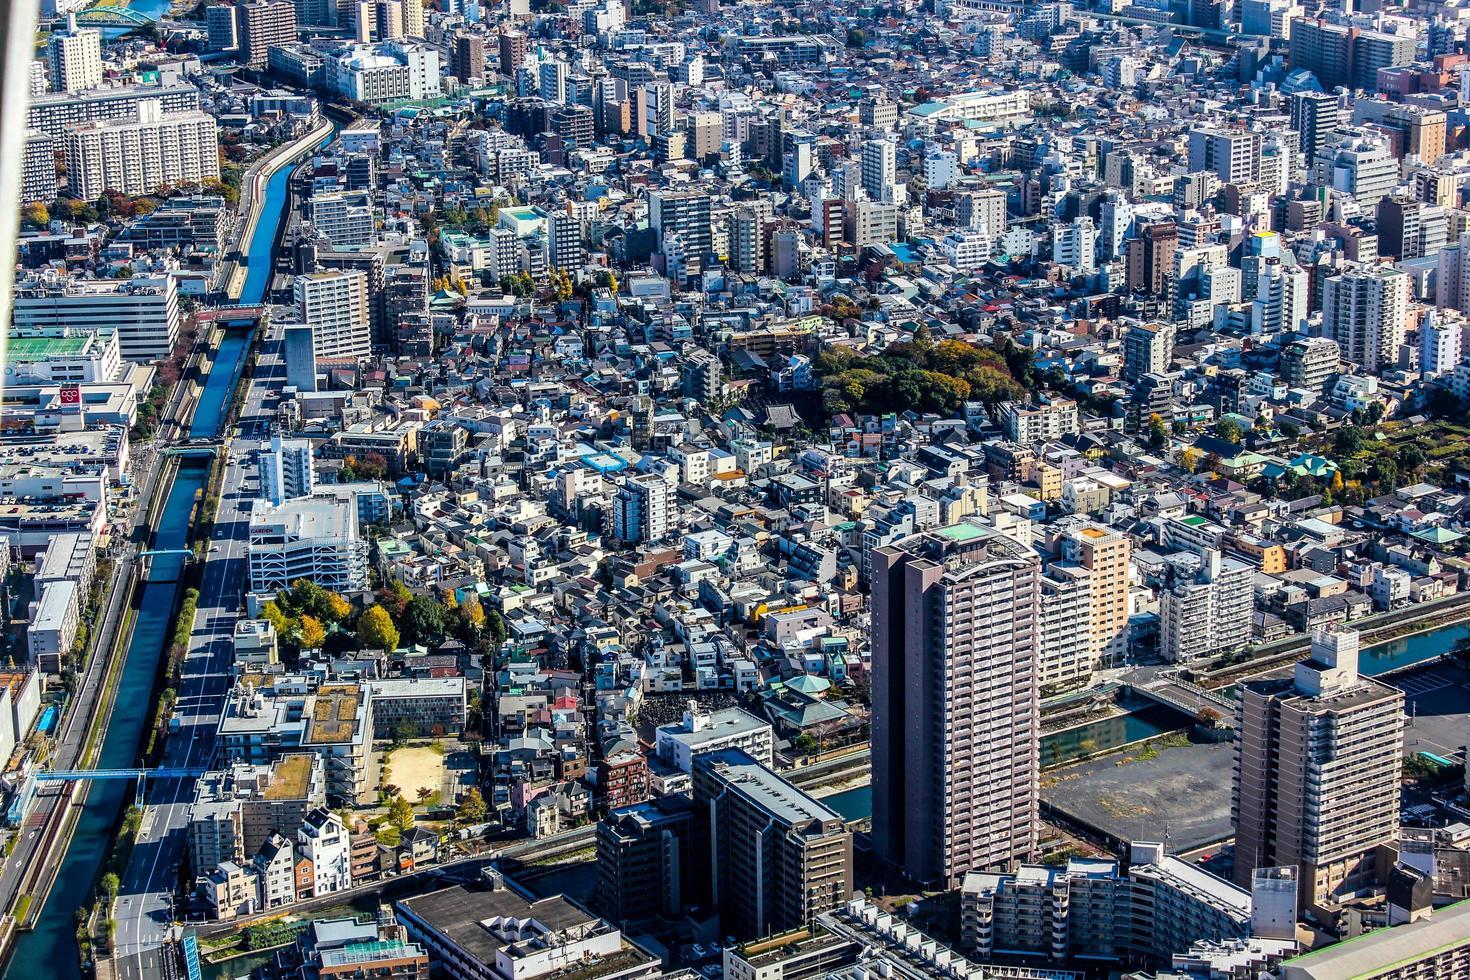 vue aérienne des bâtiments dans une ville photo